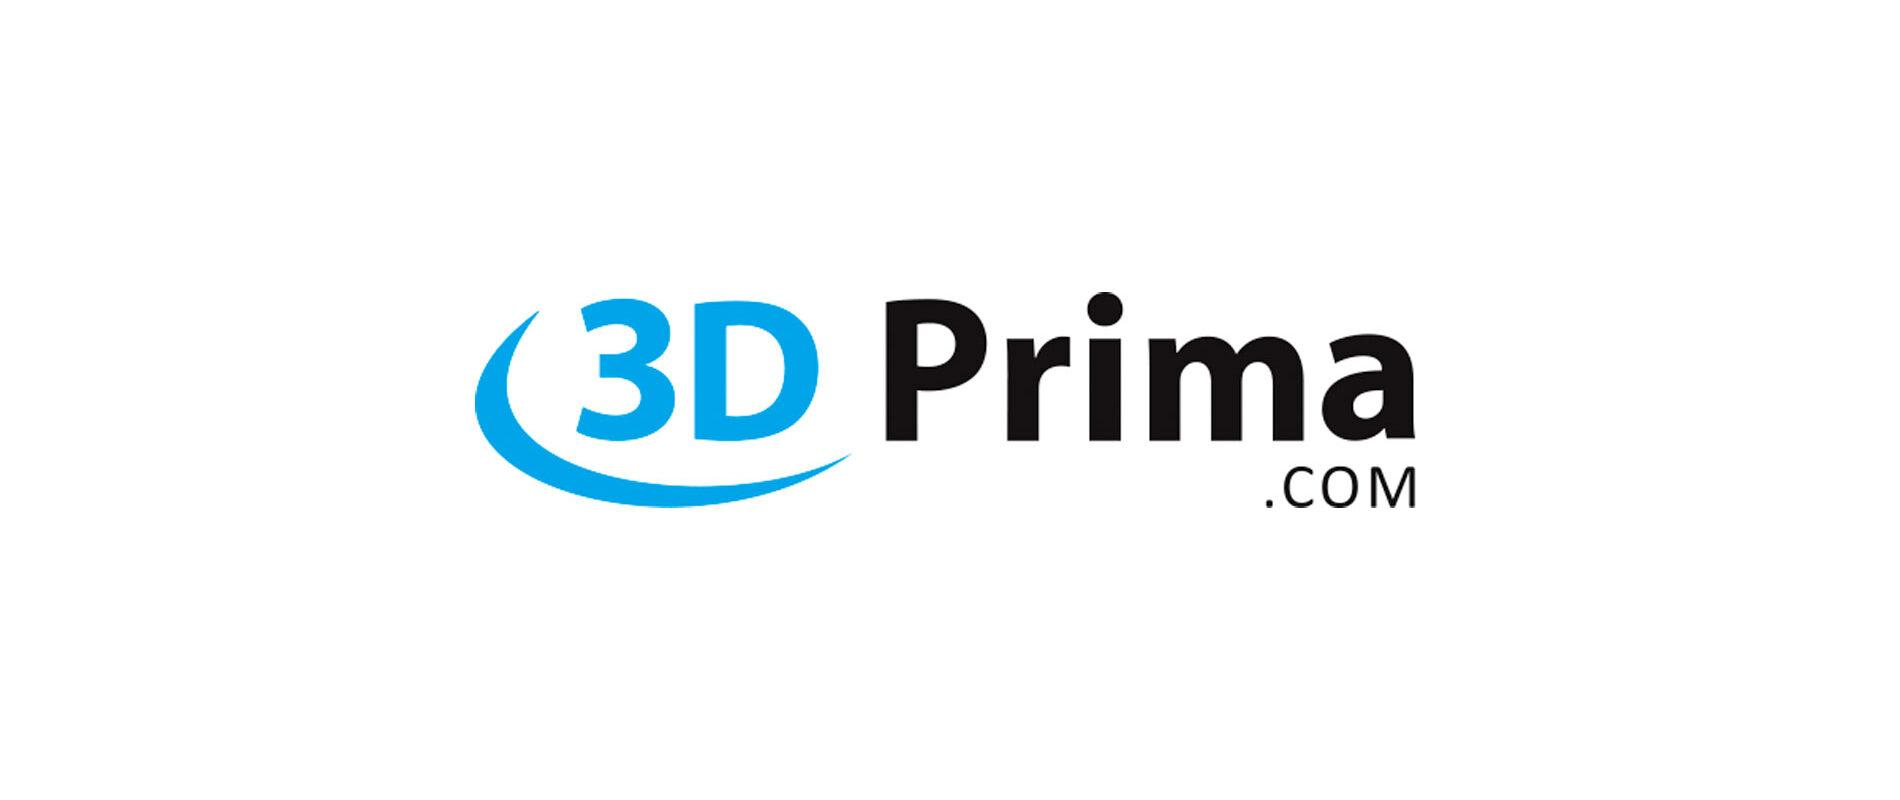 3D Prima logo